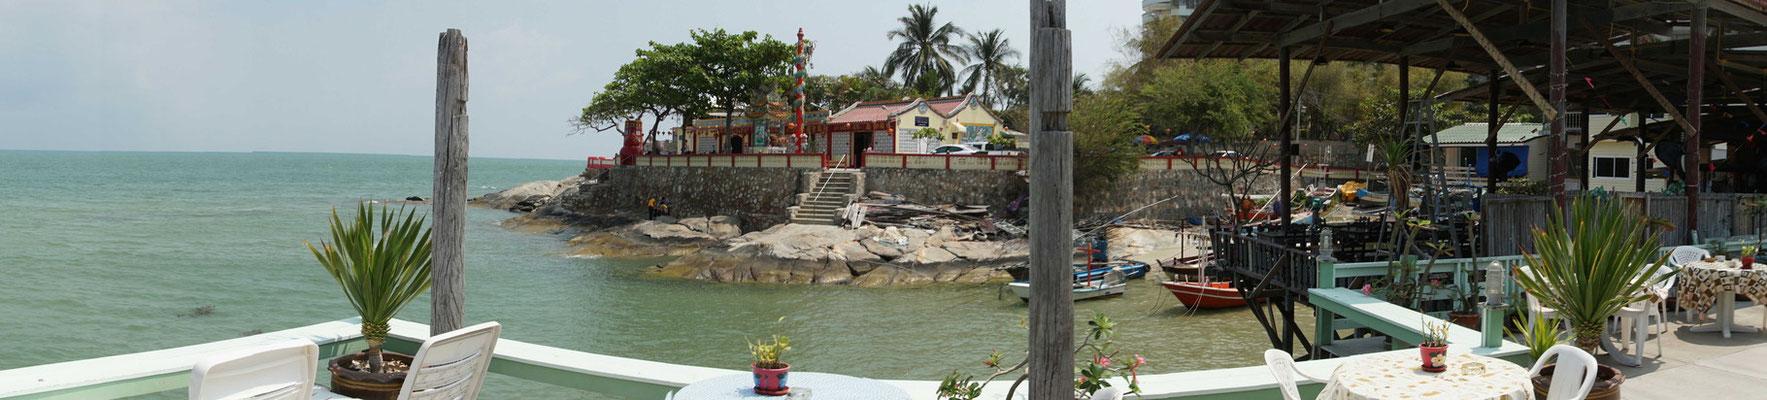 Blick von der Terrasse über das Meer und zum chinesischen Tempel....